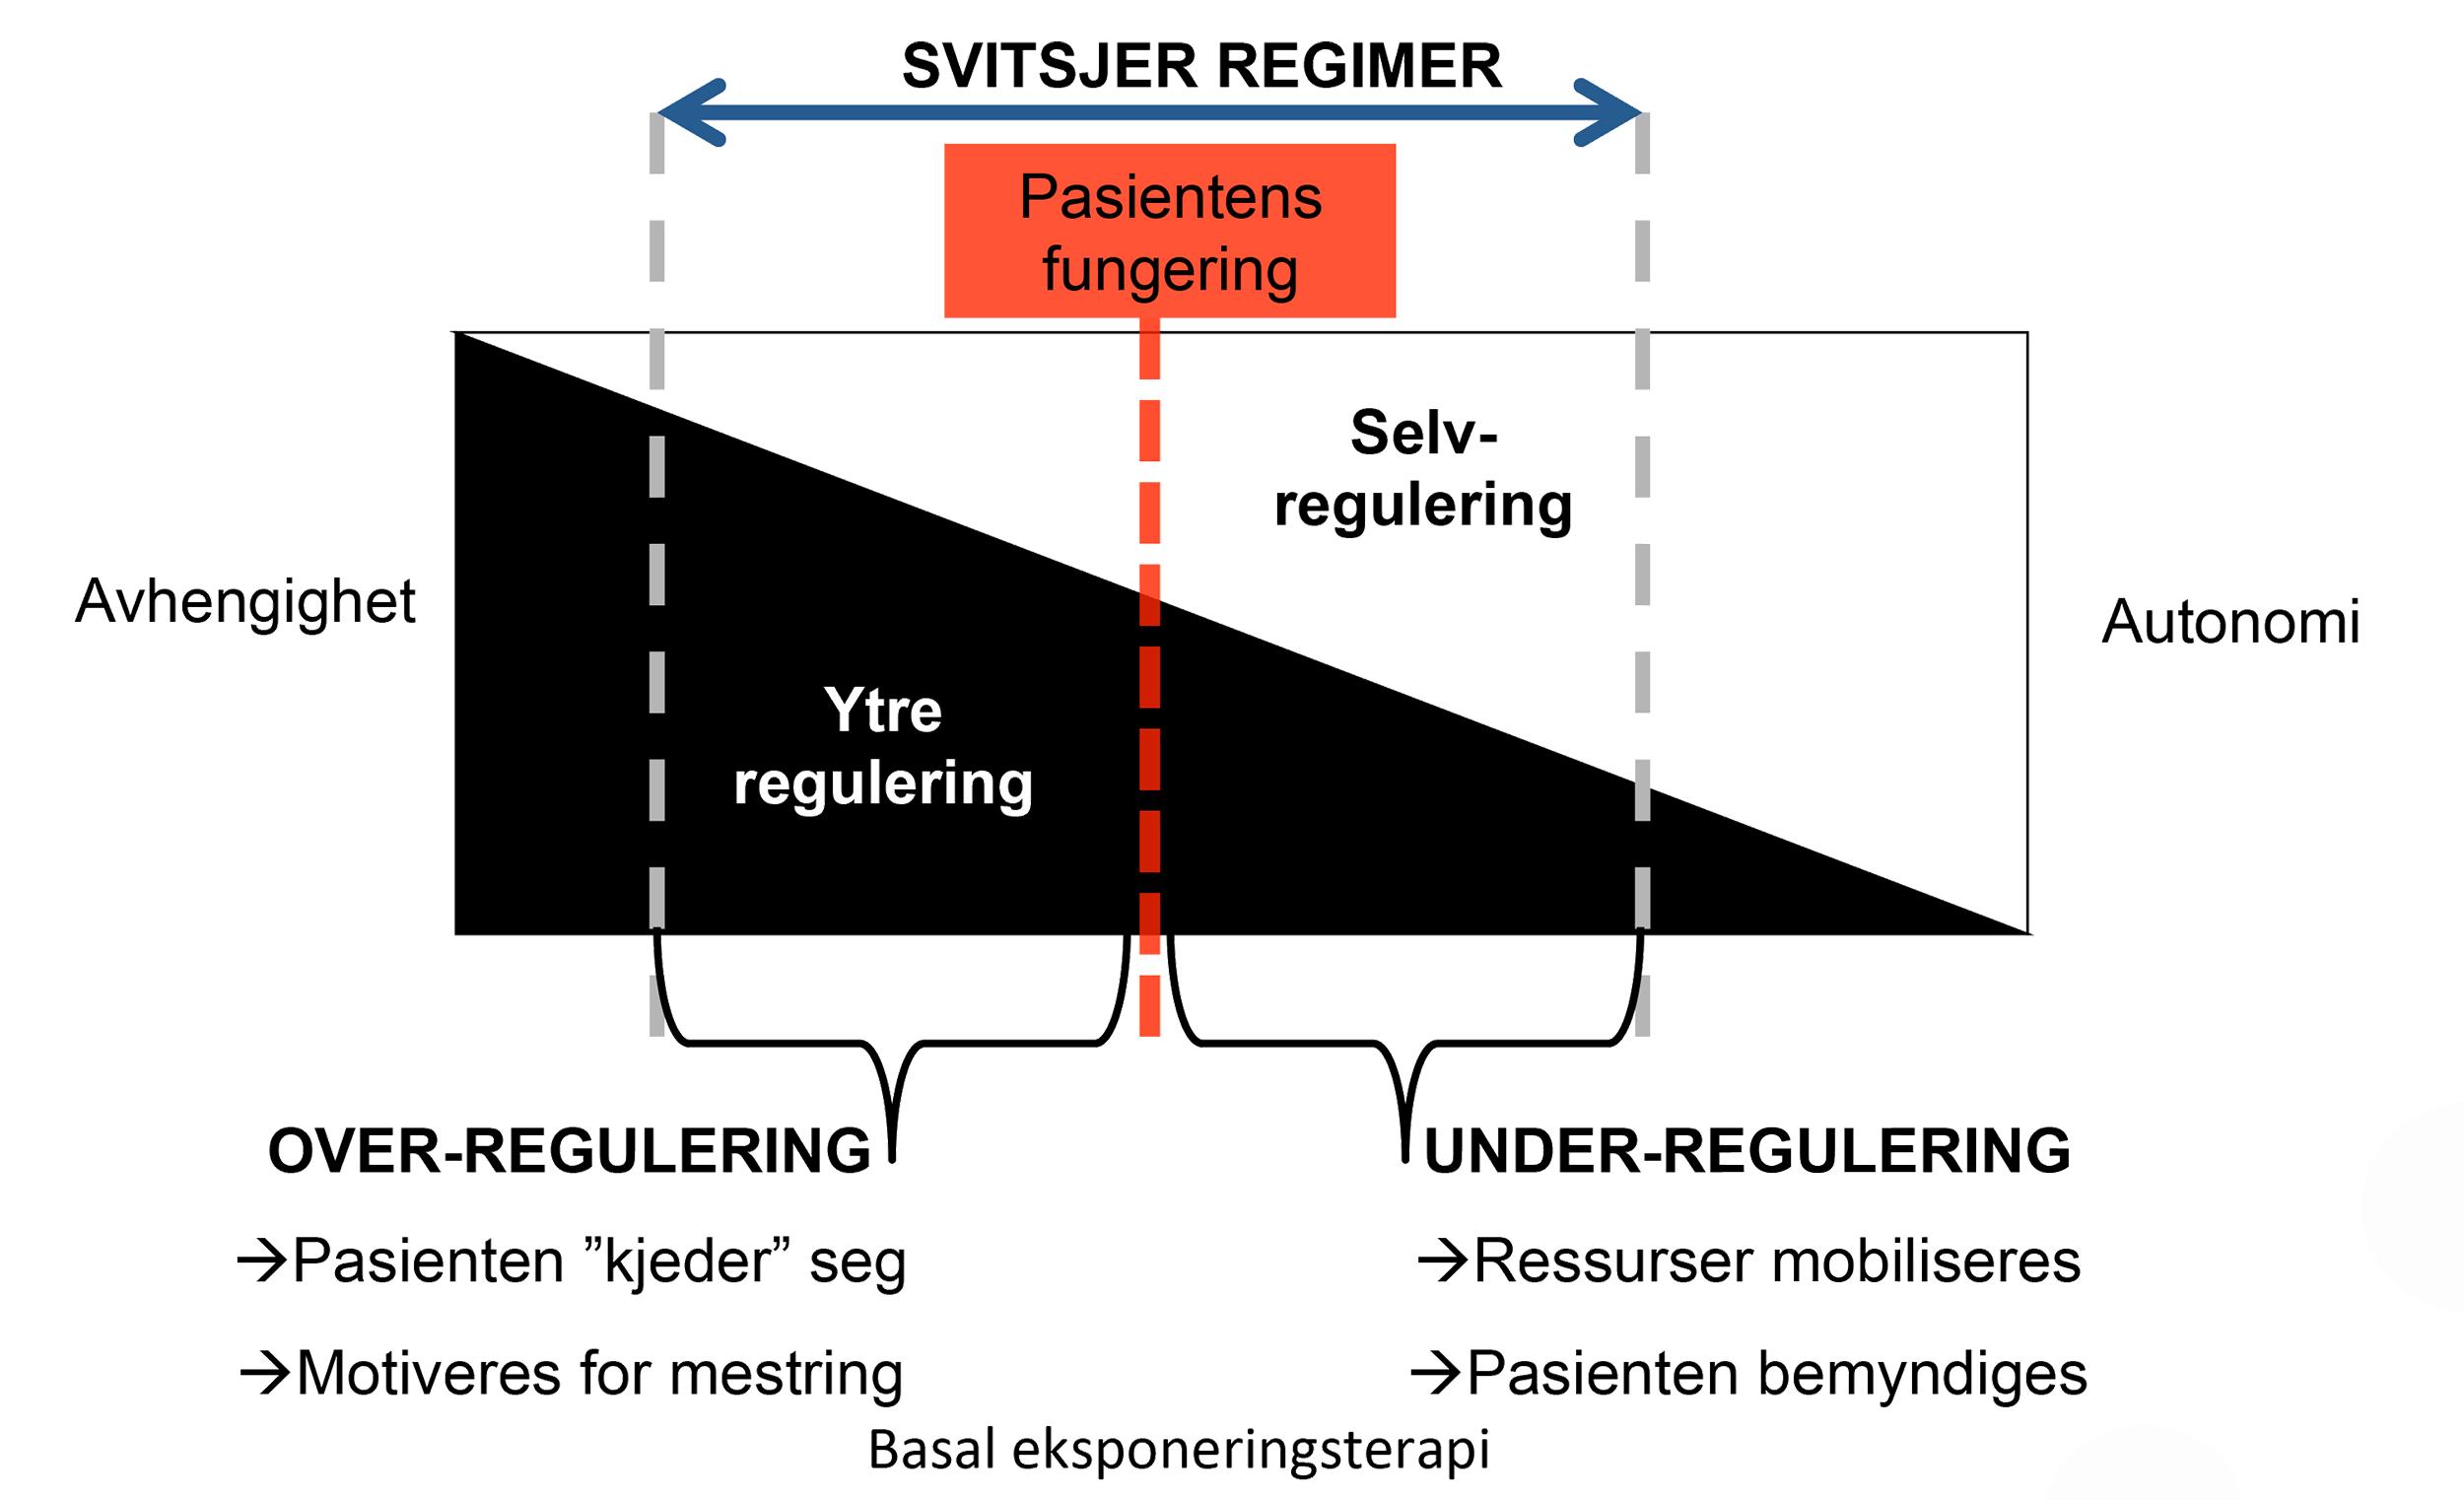 Figur av komplementær ytre regulering som forklart i tekst.